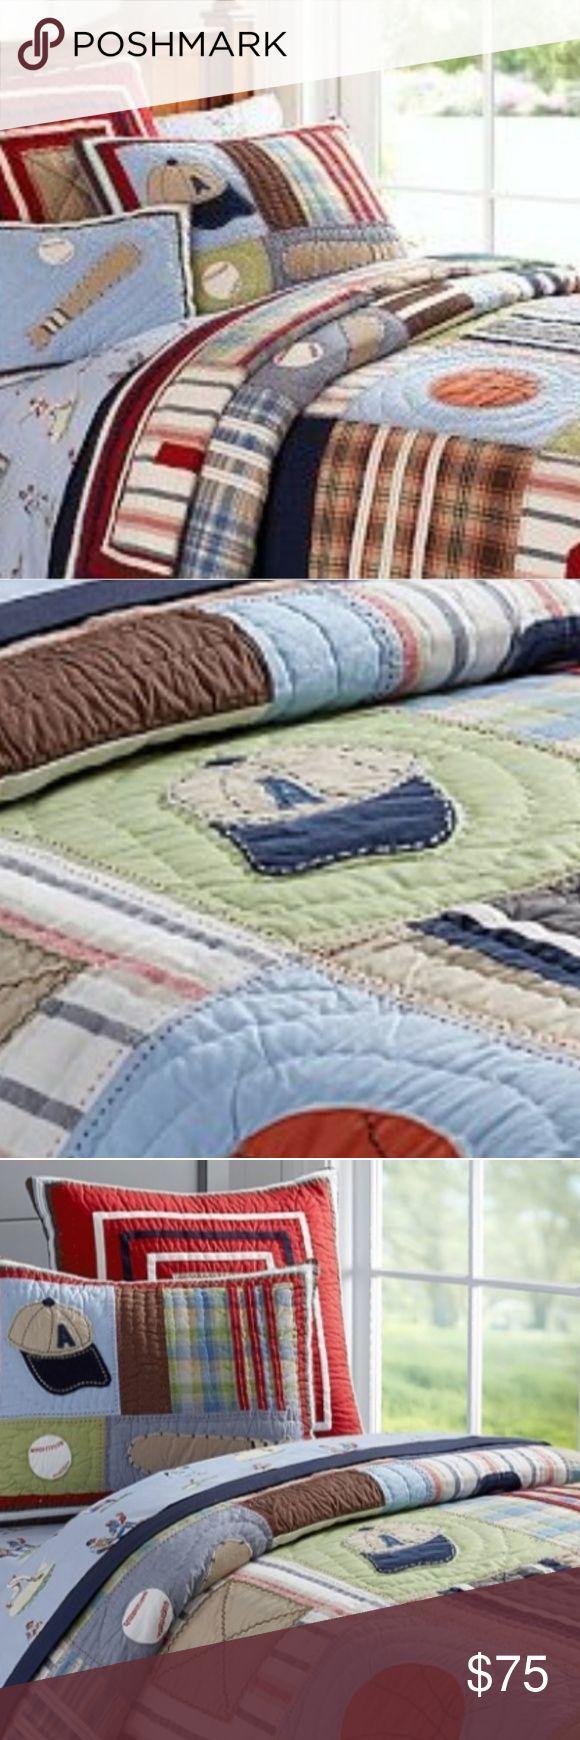 Pottery Barn twin comforter set Smokefree home comes with